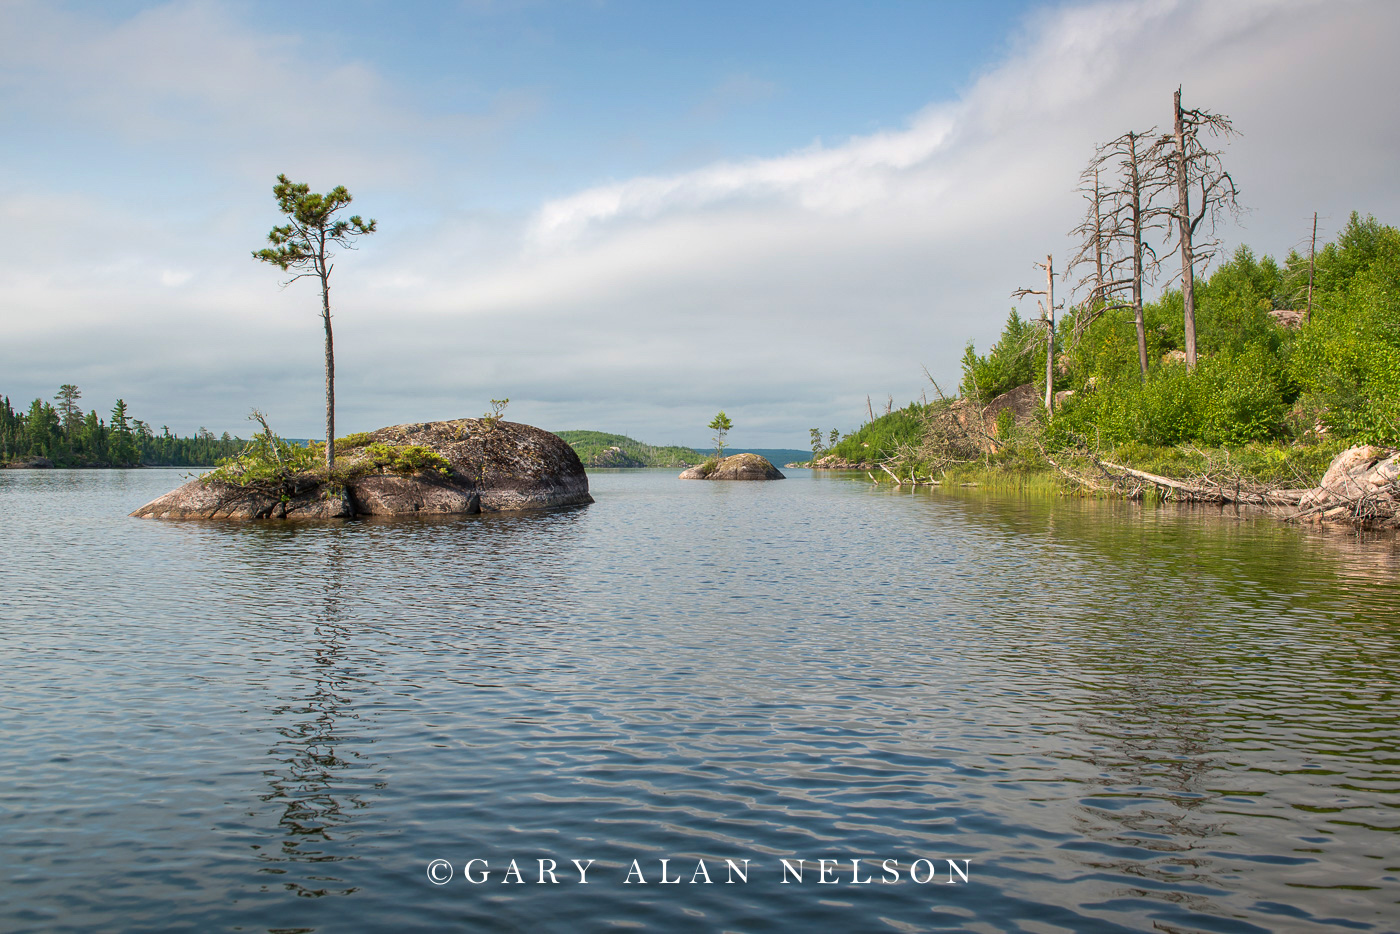 BWCA, BWCAW, boundary waters, boundary waters canoe area, minnesota, seagull lake, photo